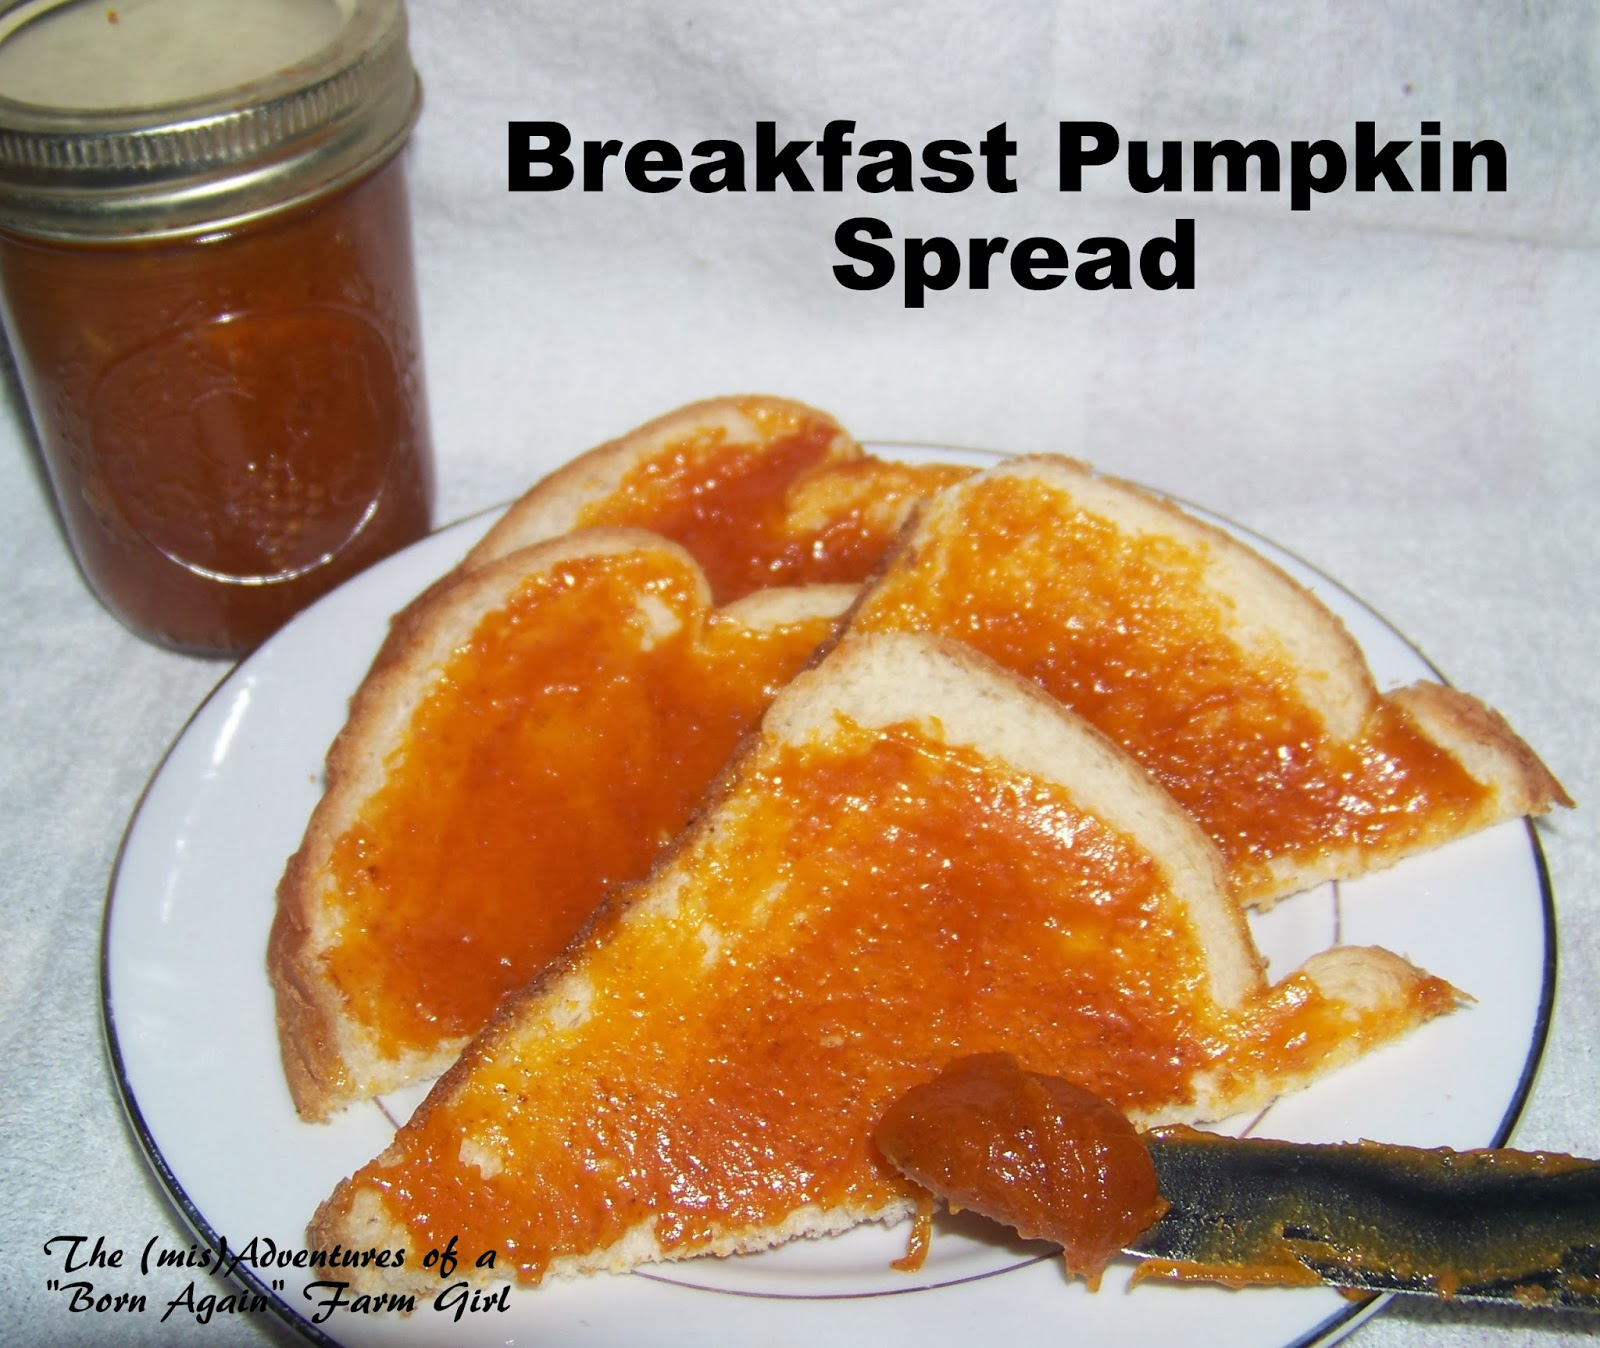 Pumpkin Breakfast Spread